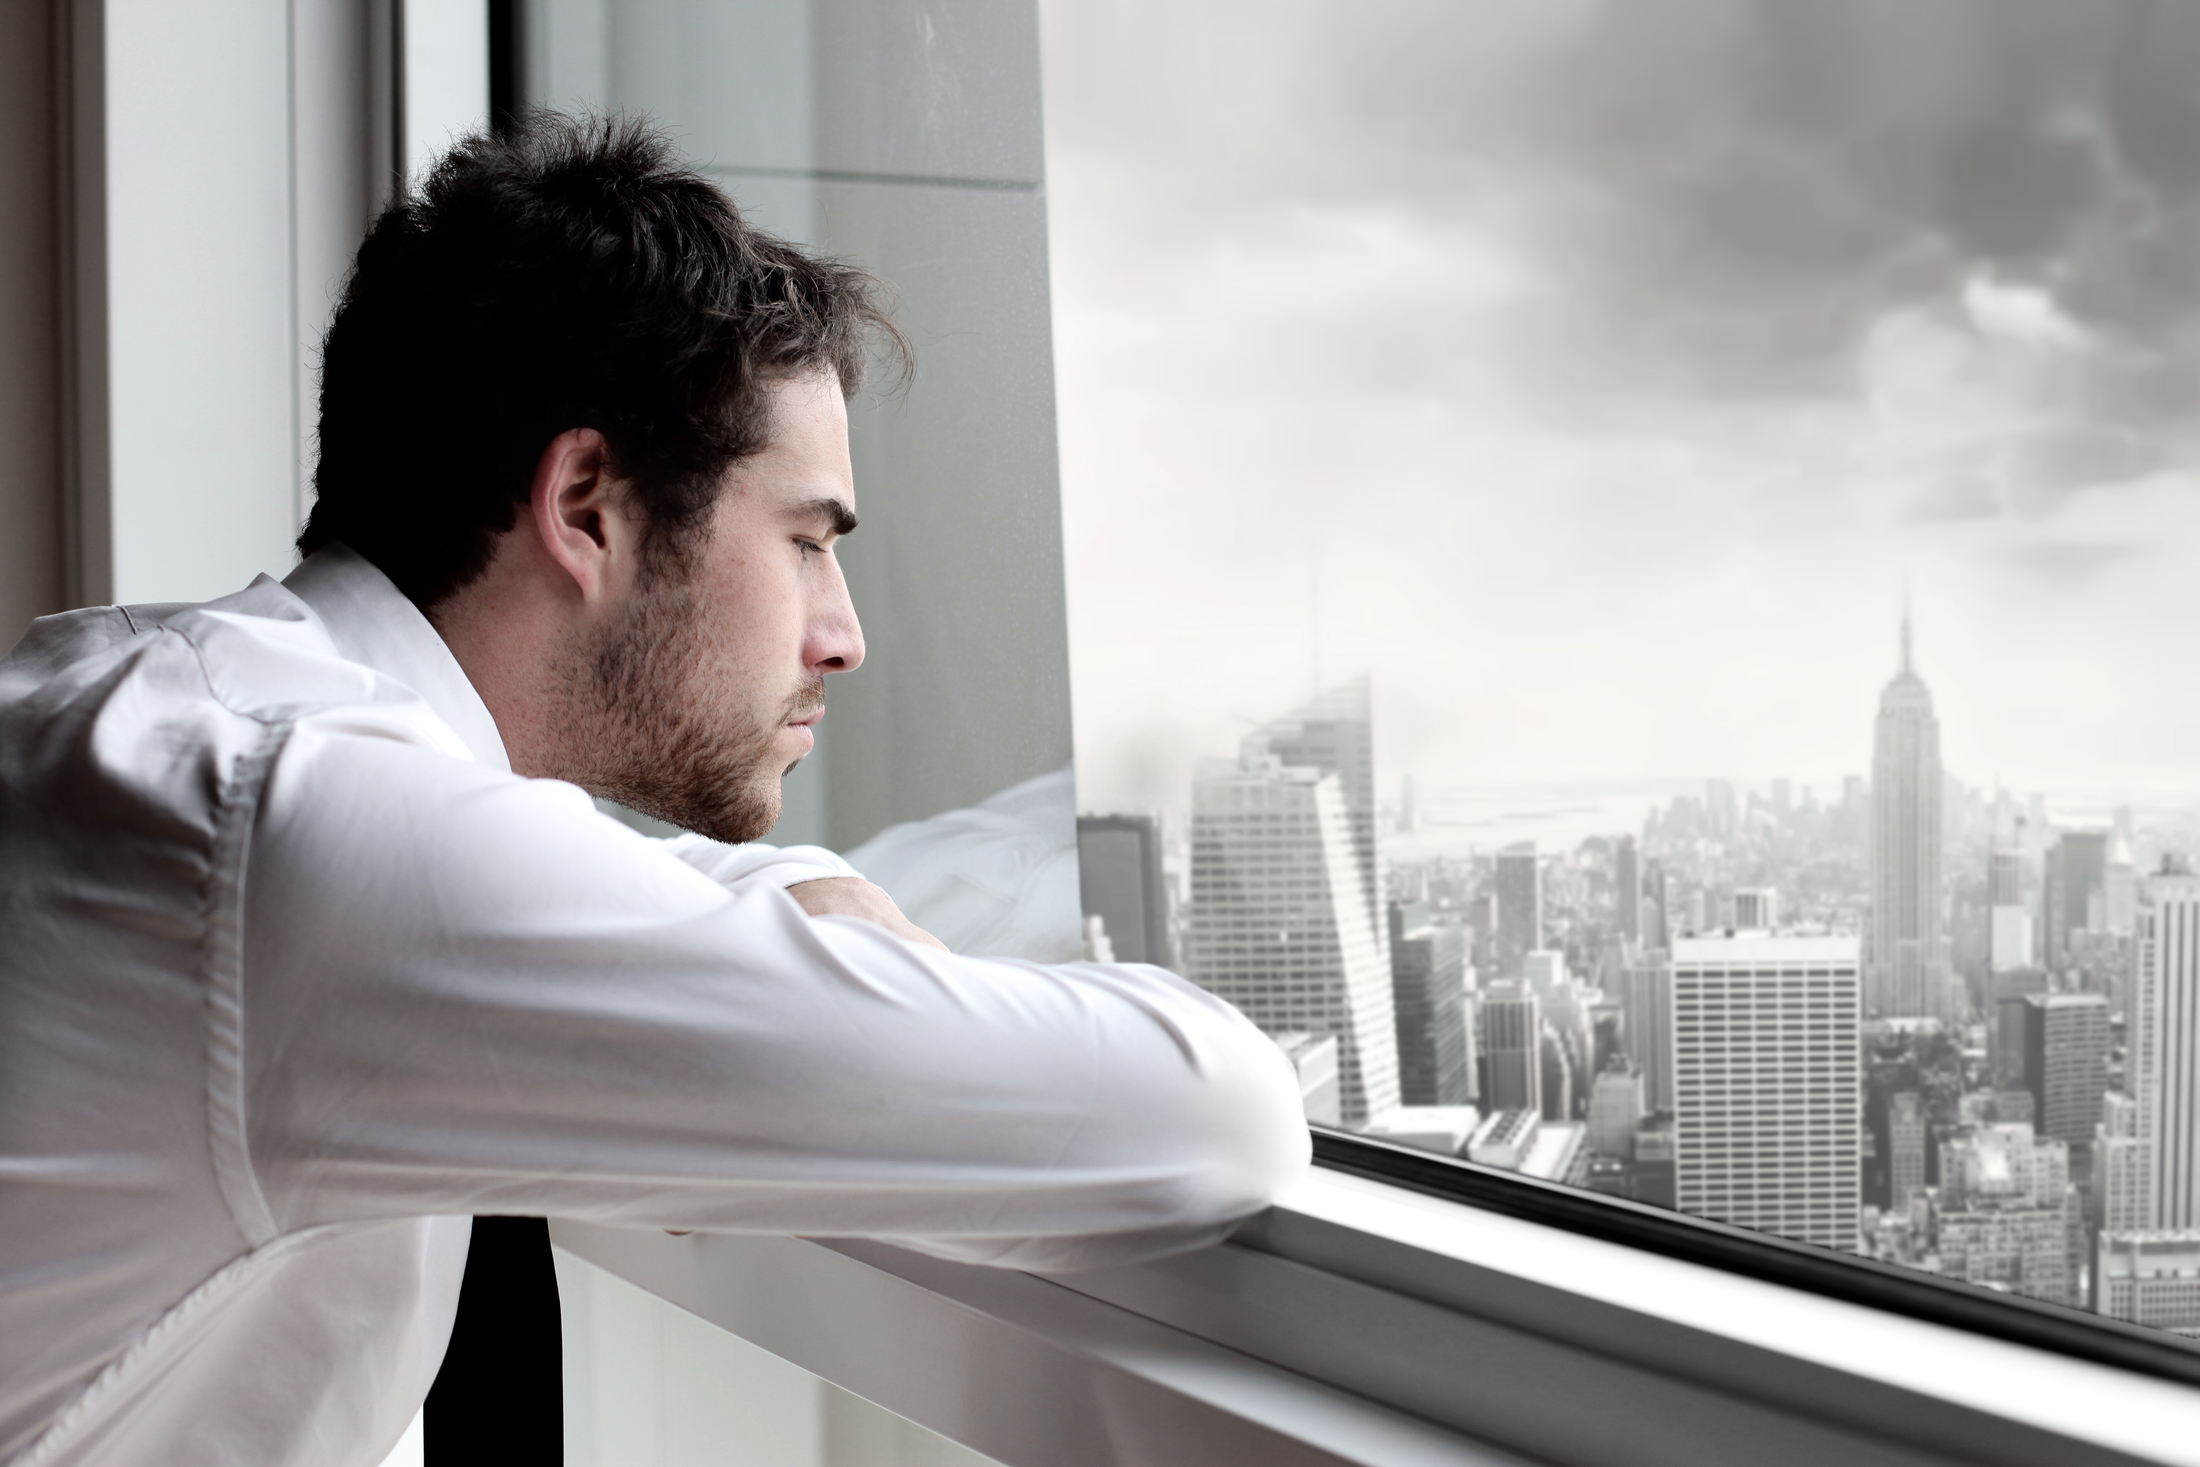 10 Ways Men Handle Breakups